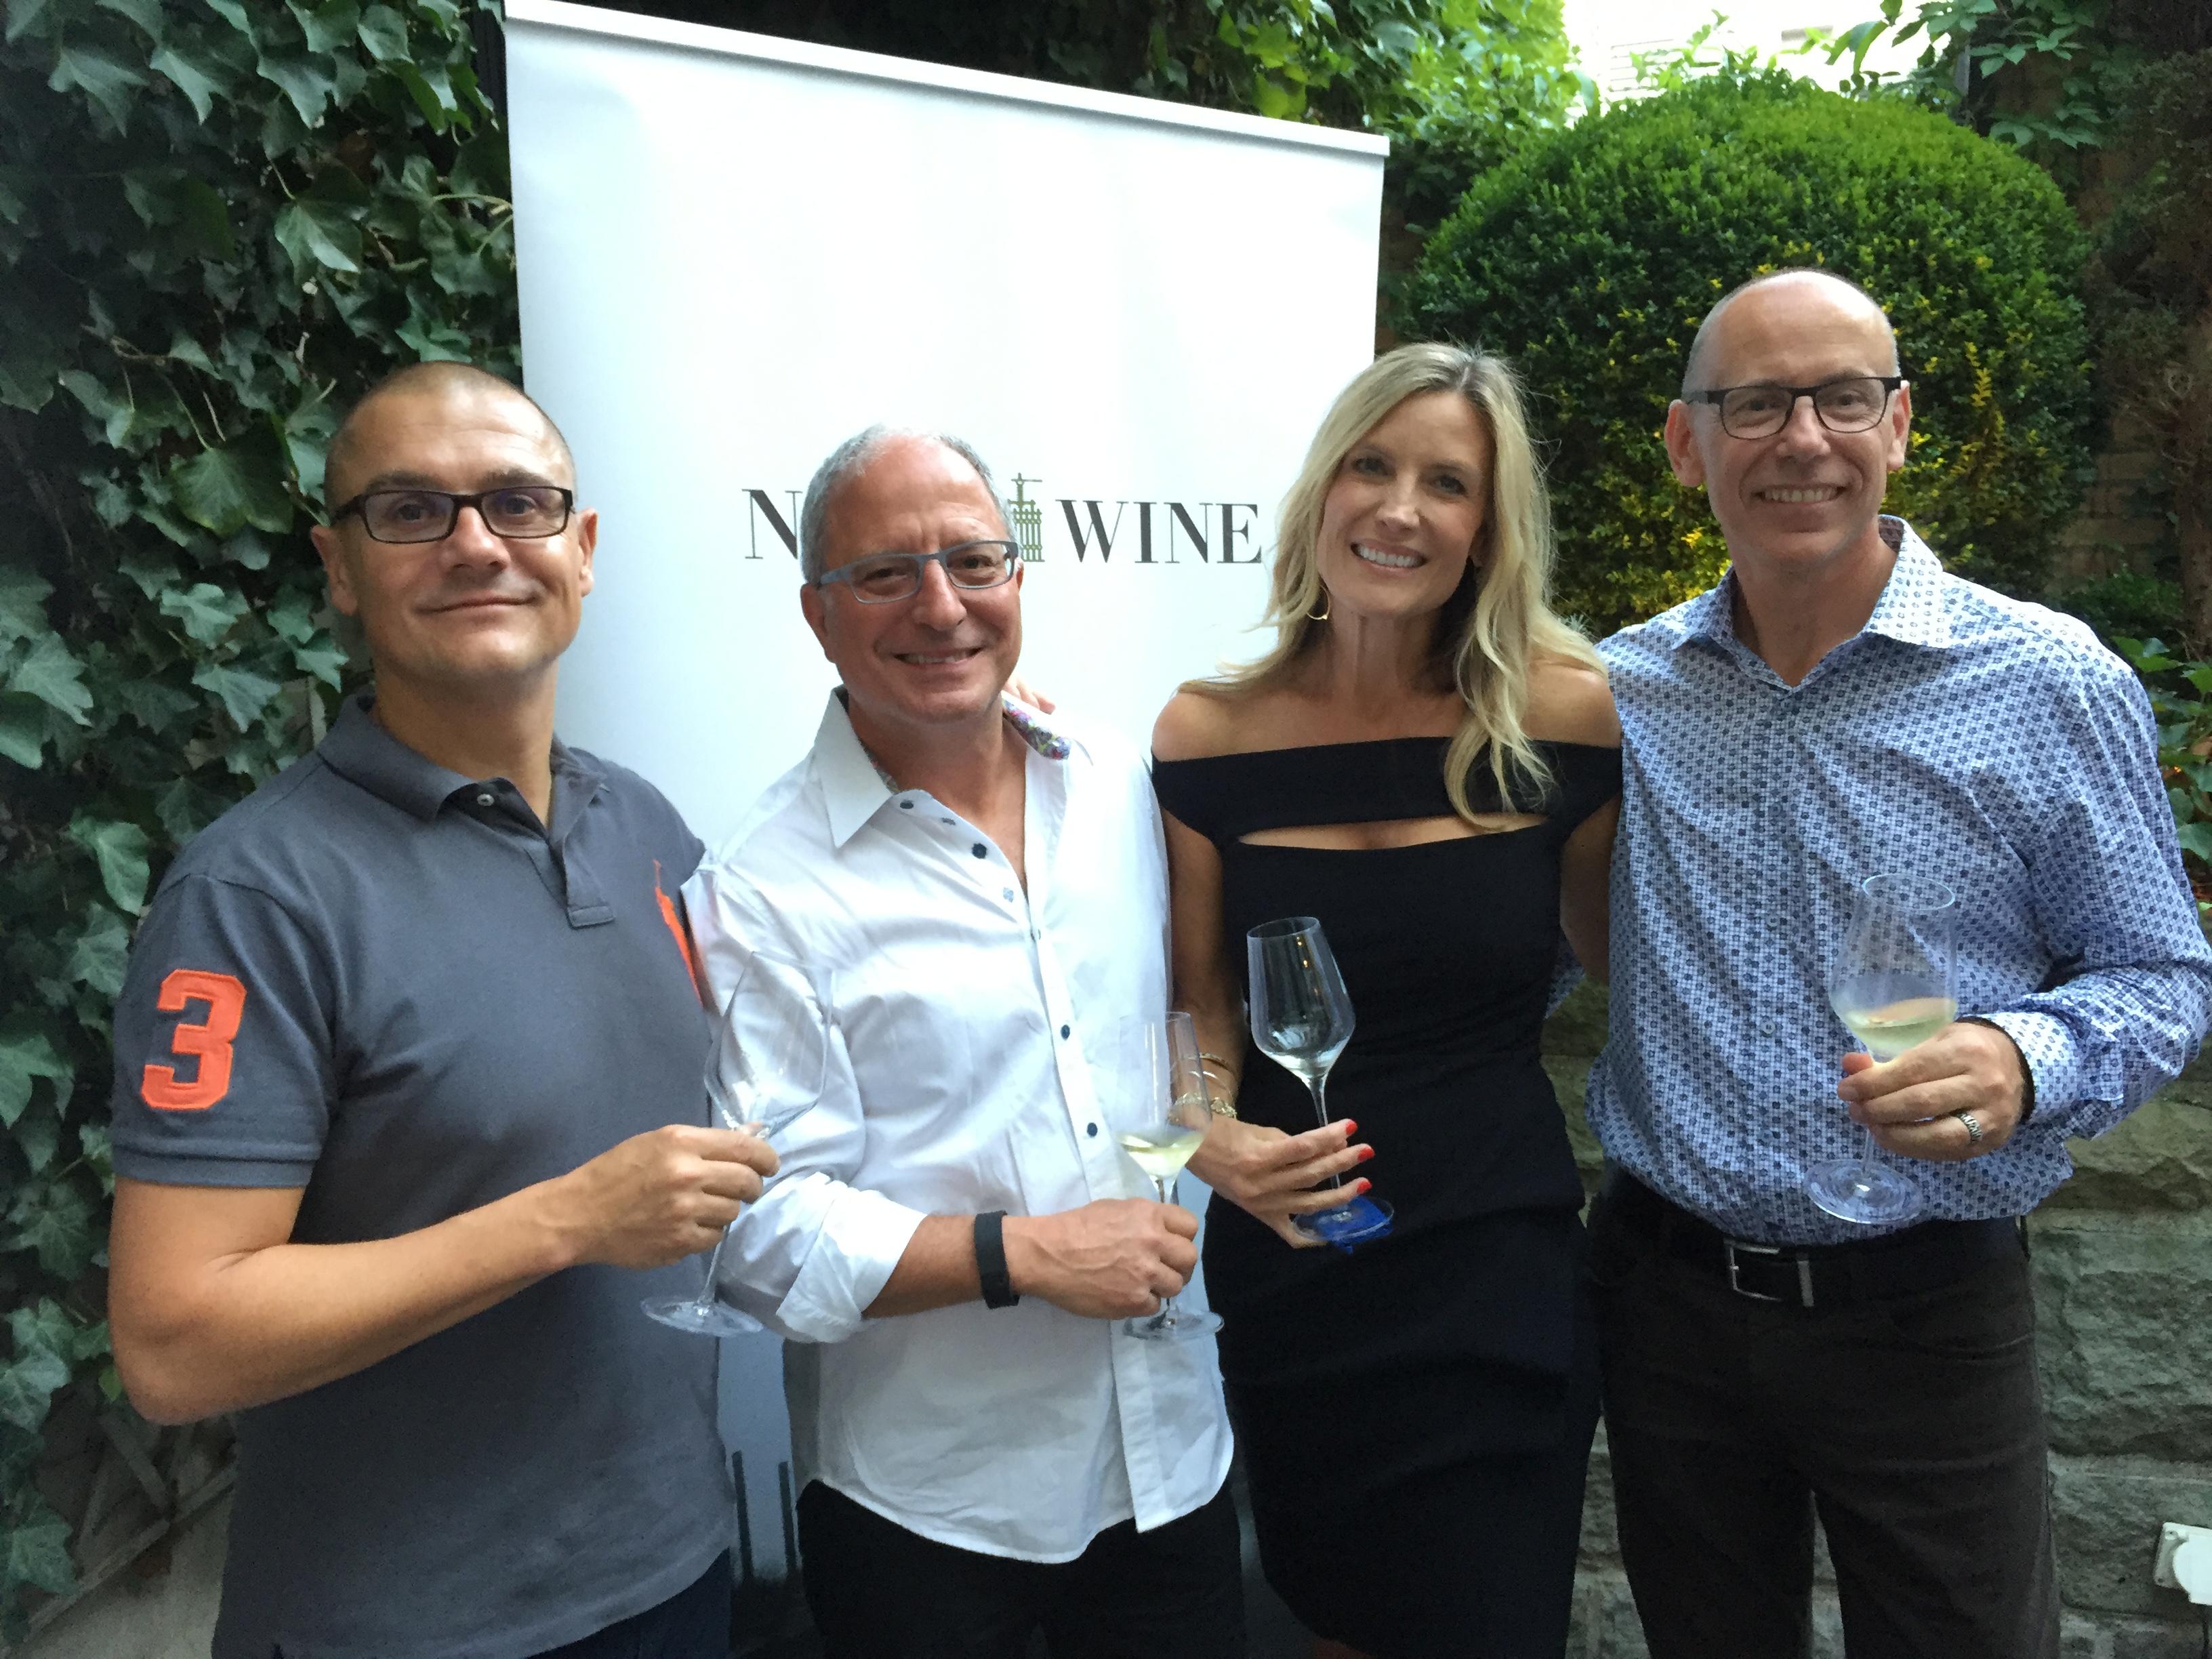 8. Sep 2016 Zürich: v.l.n.r Gregor Greber (Napawine.ch) Steve und Seanne Contursi (Arrow & Branch), Martin Schneider (Napawine.ch)